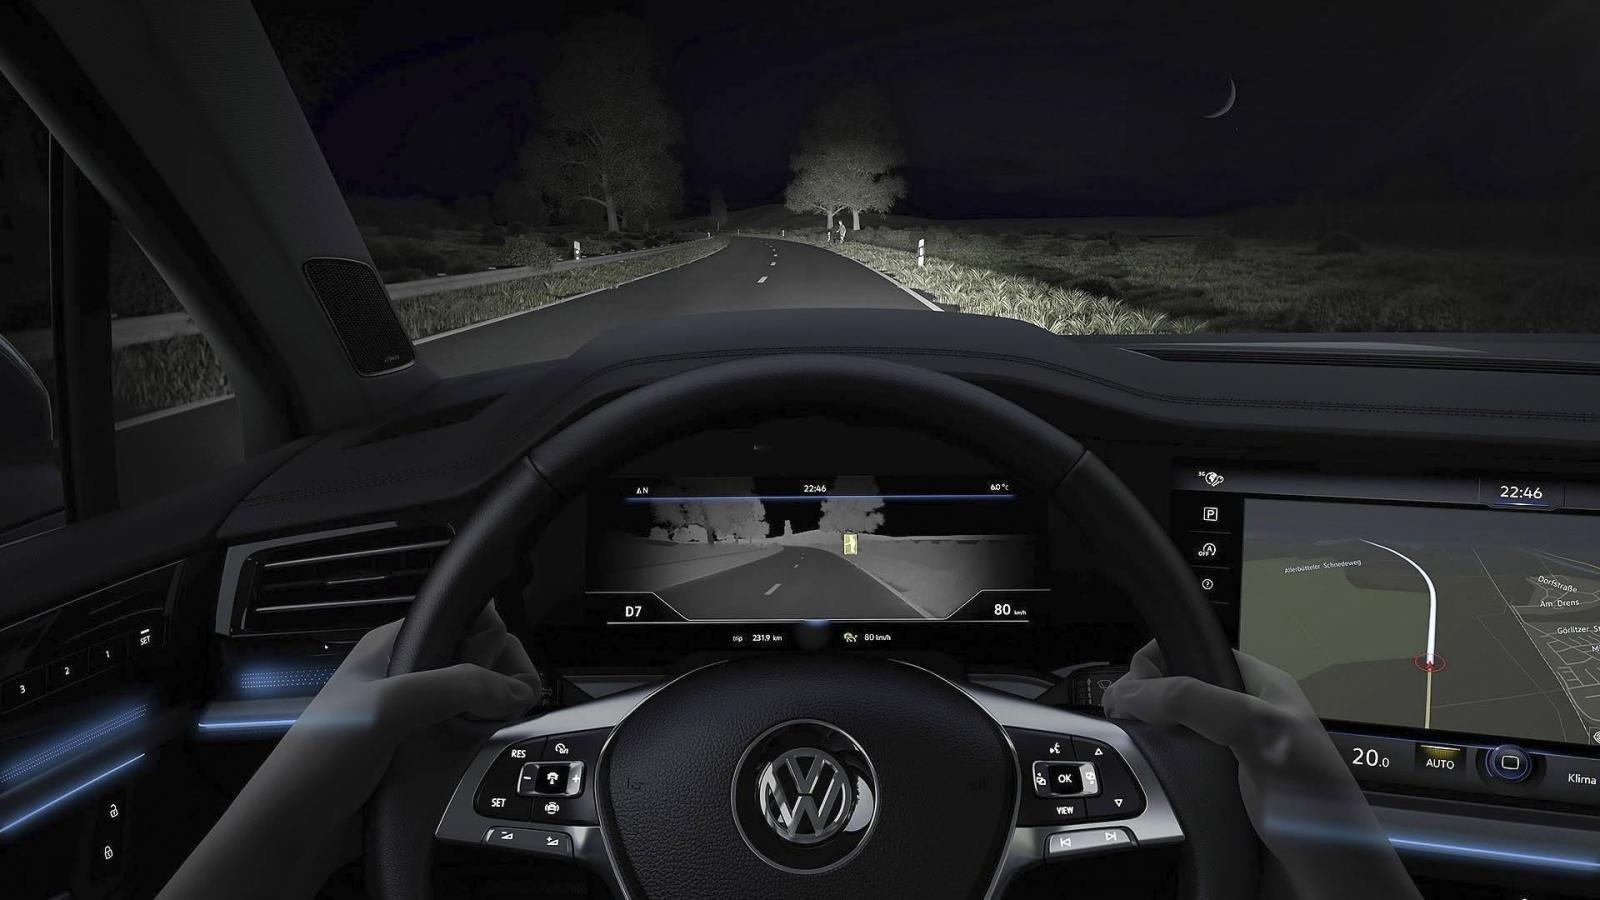 Đánh giá xe Volkswagen Touareg 2019 về trang bị tiện nghi: camera hồng ngoại nhìn đêm 2